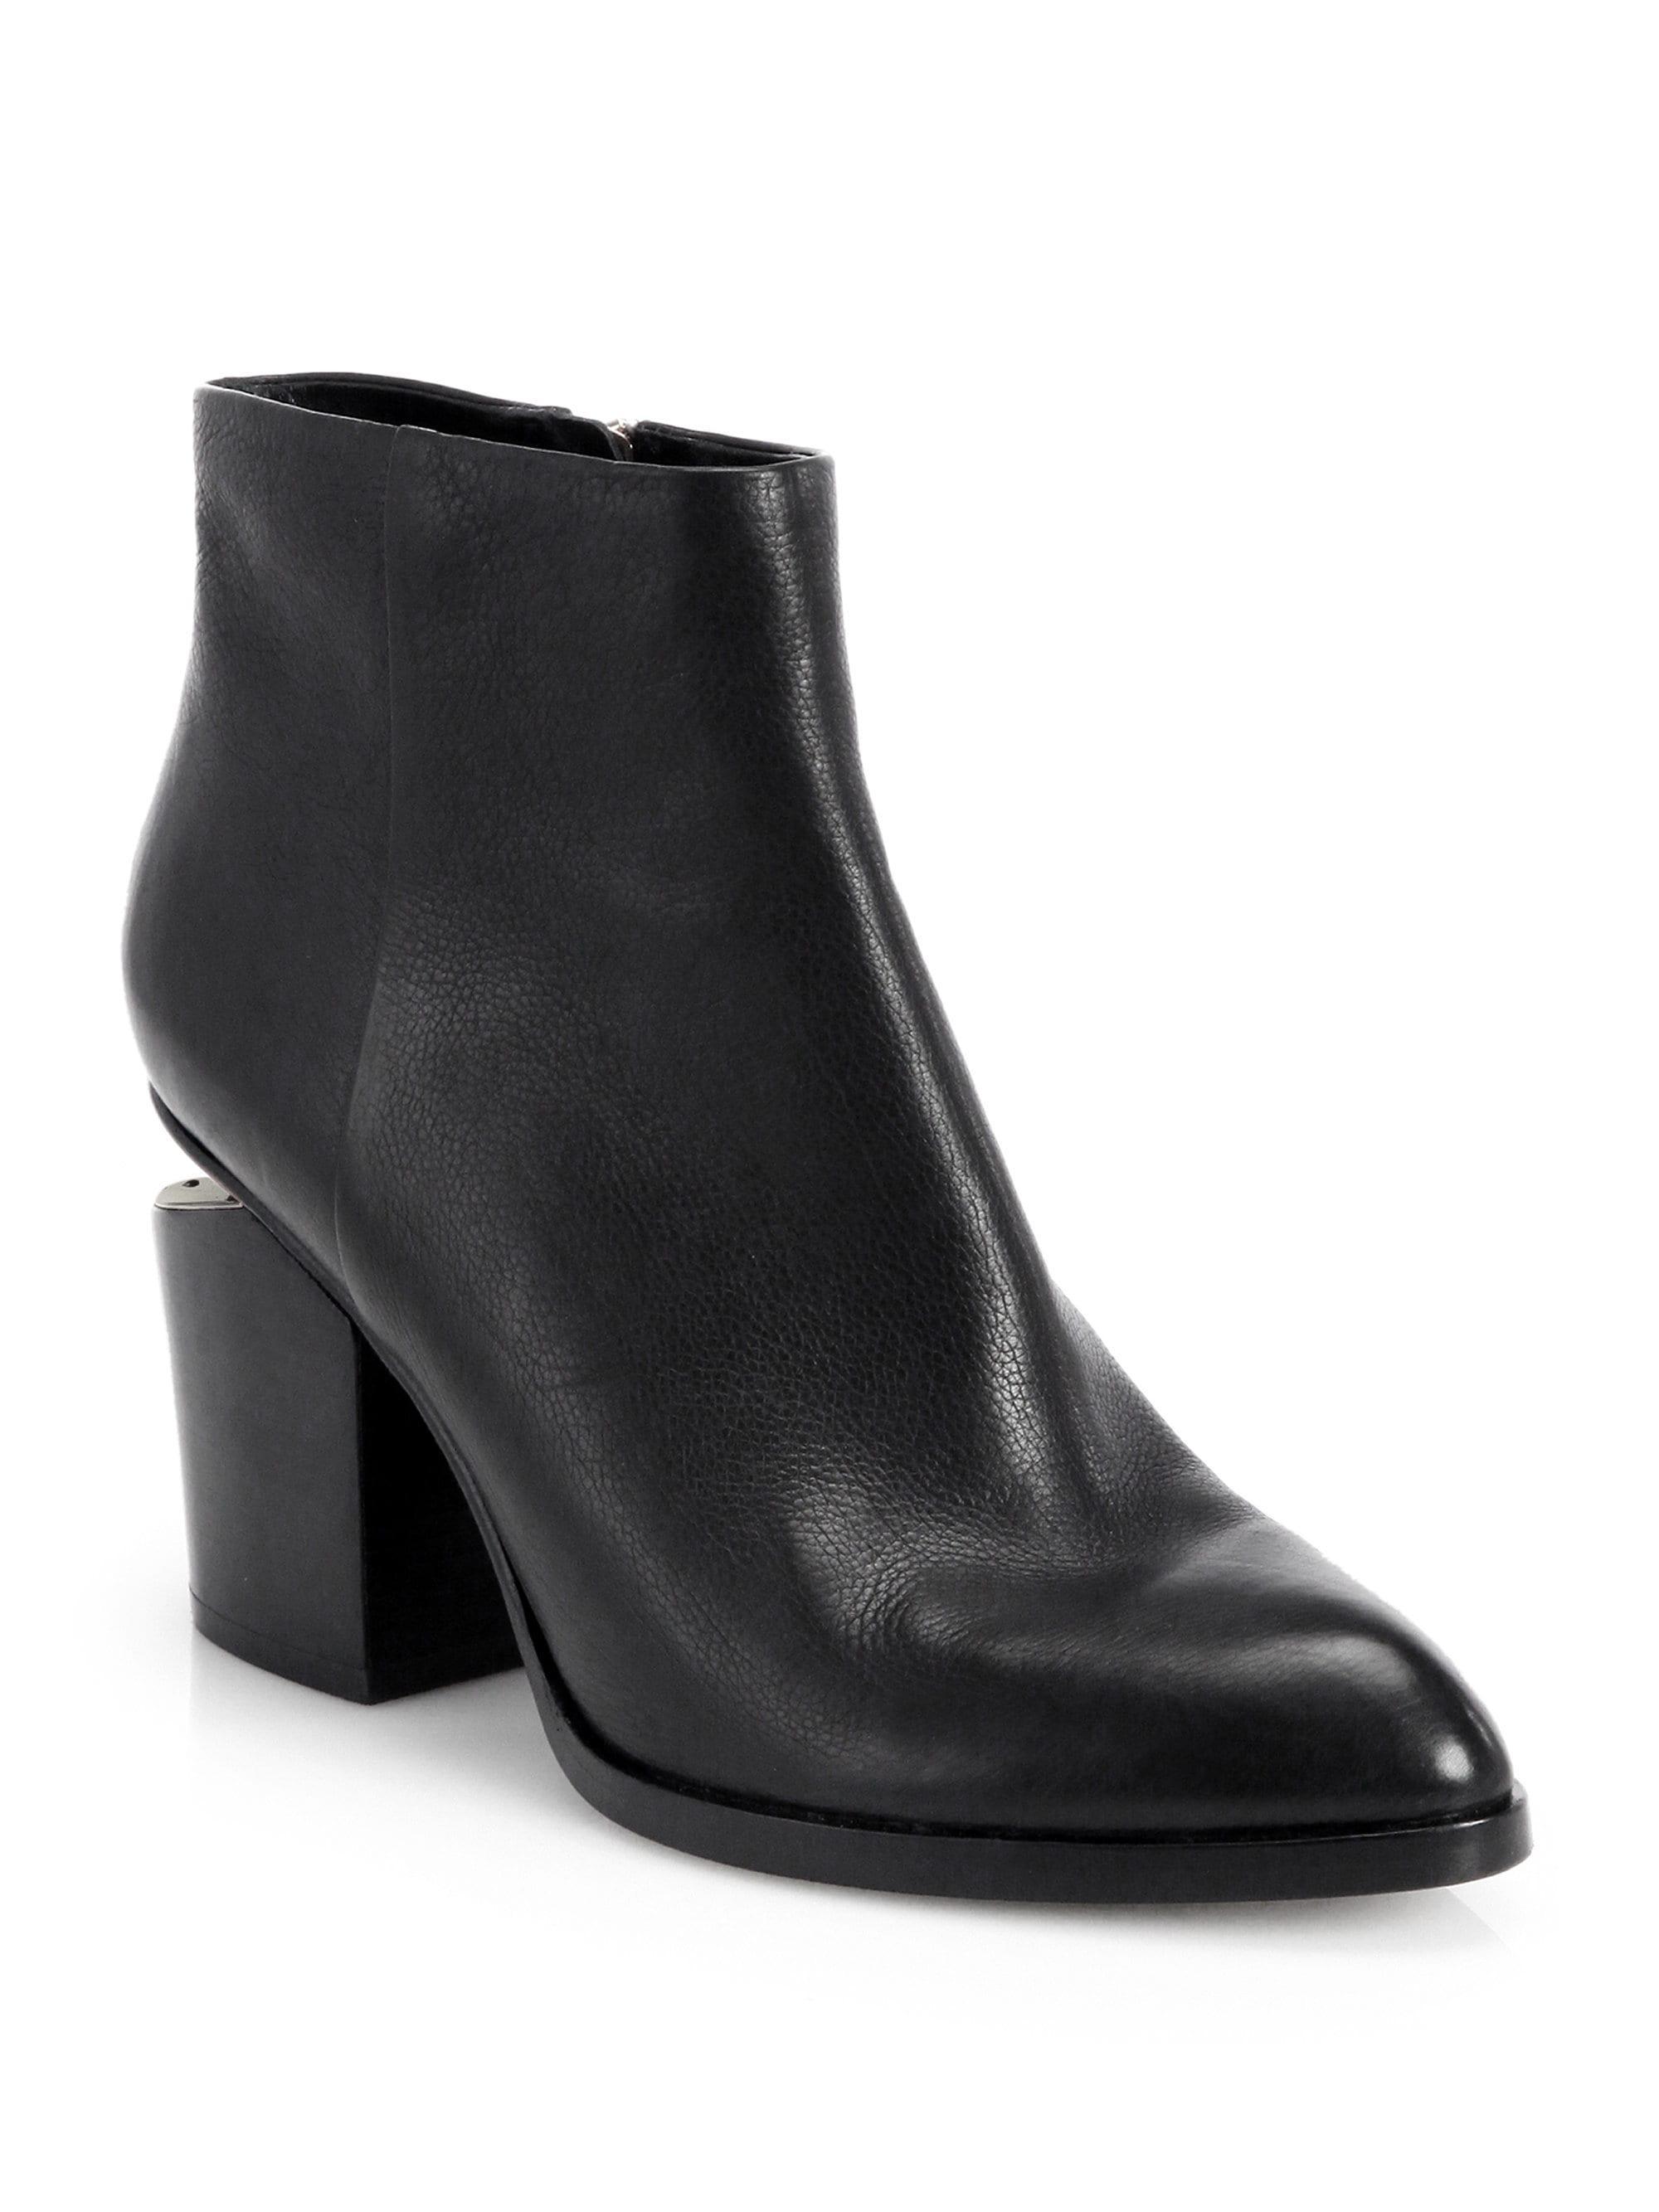 9adf88b55ec Alexander Wang Gabi Leather Almond Toe Booties in Black - Lyst